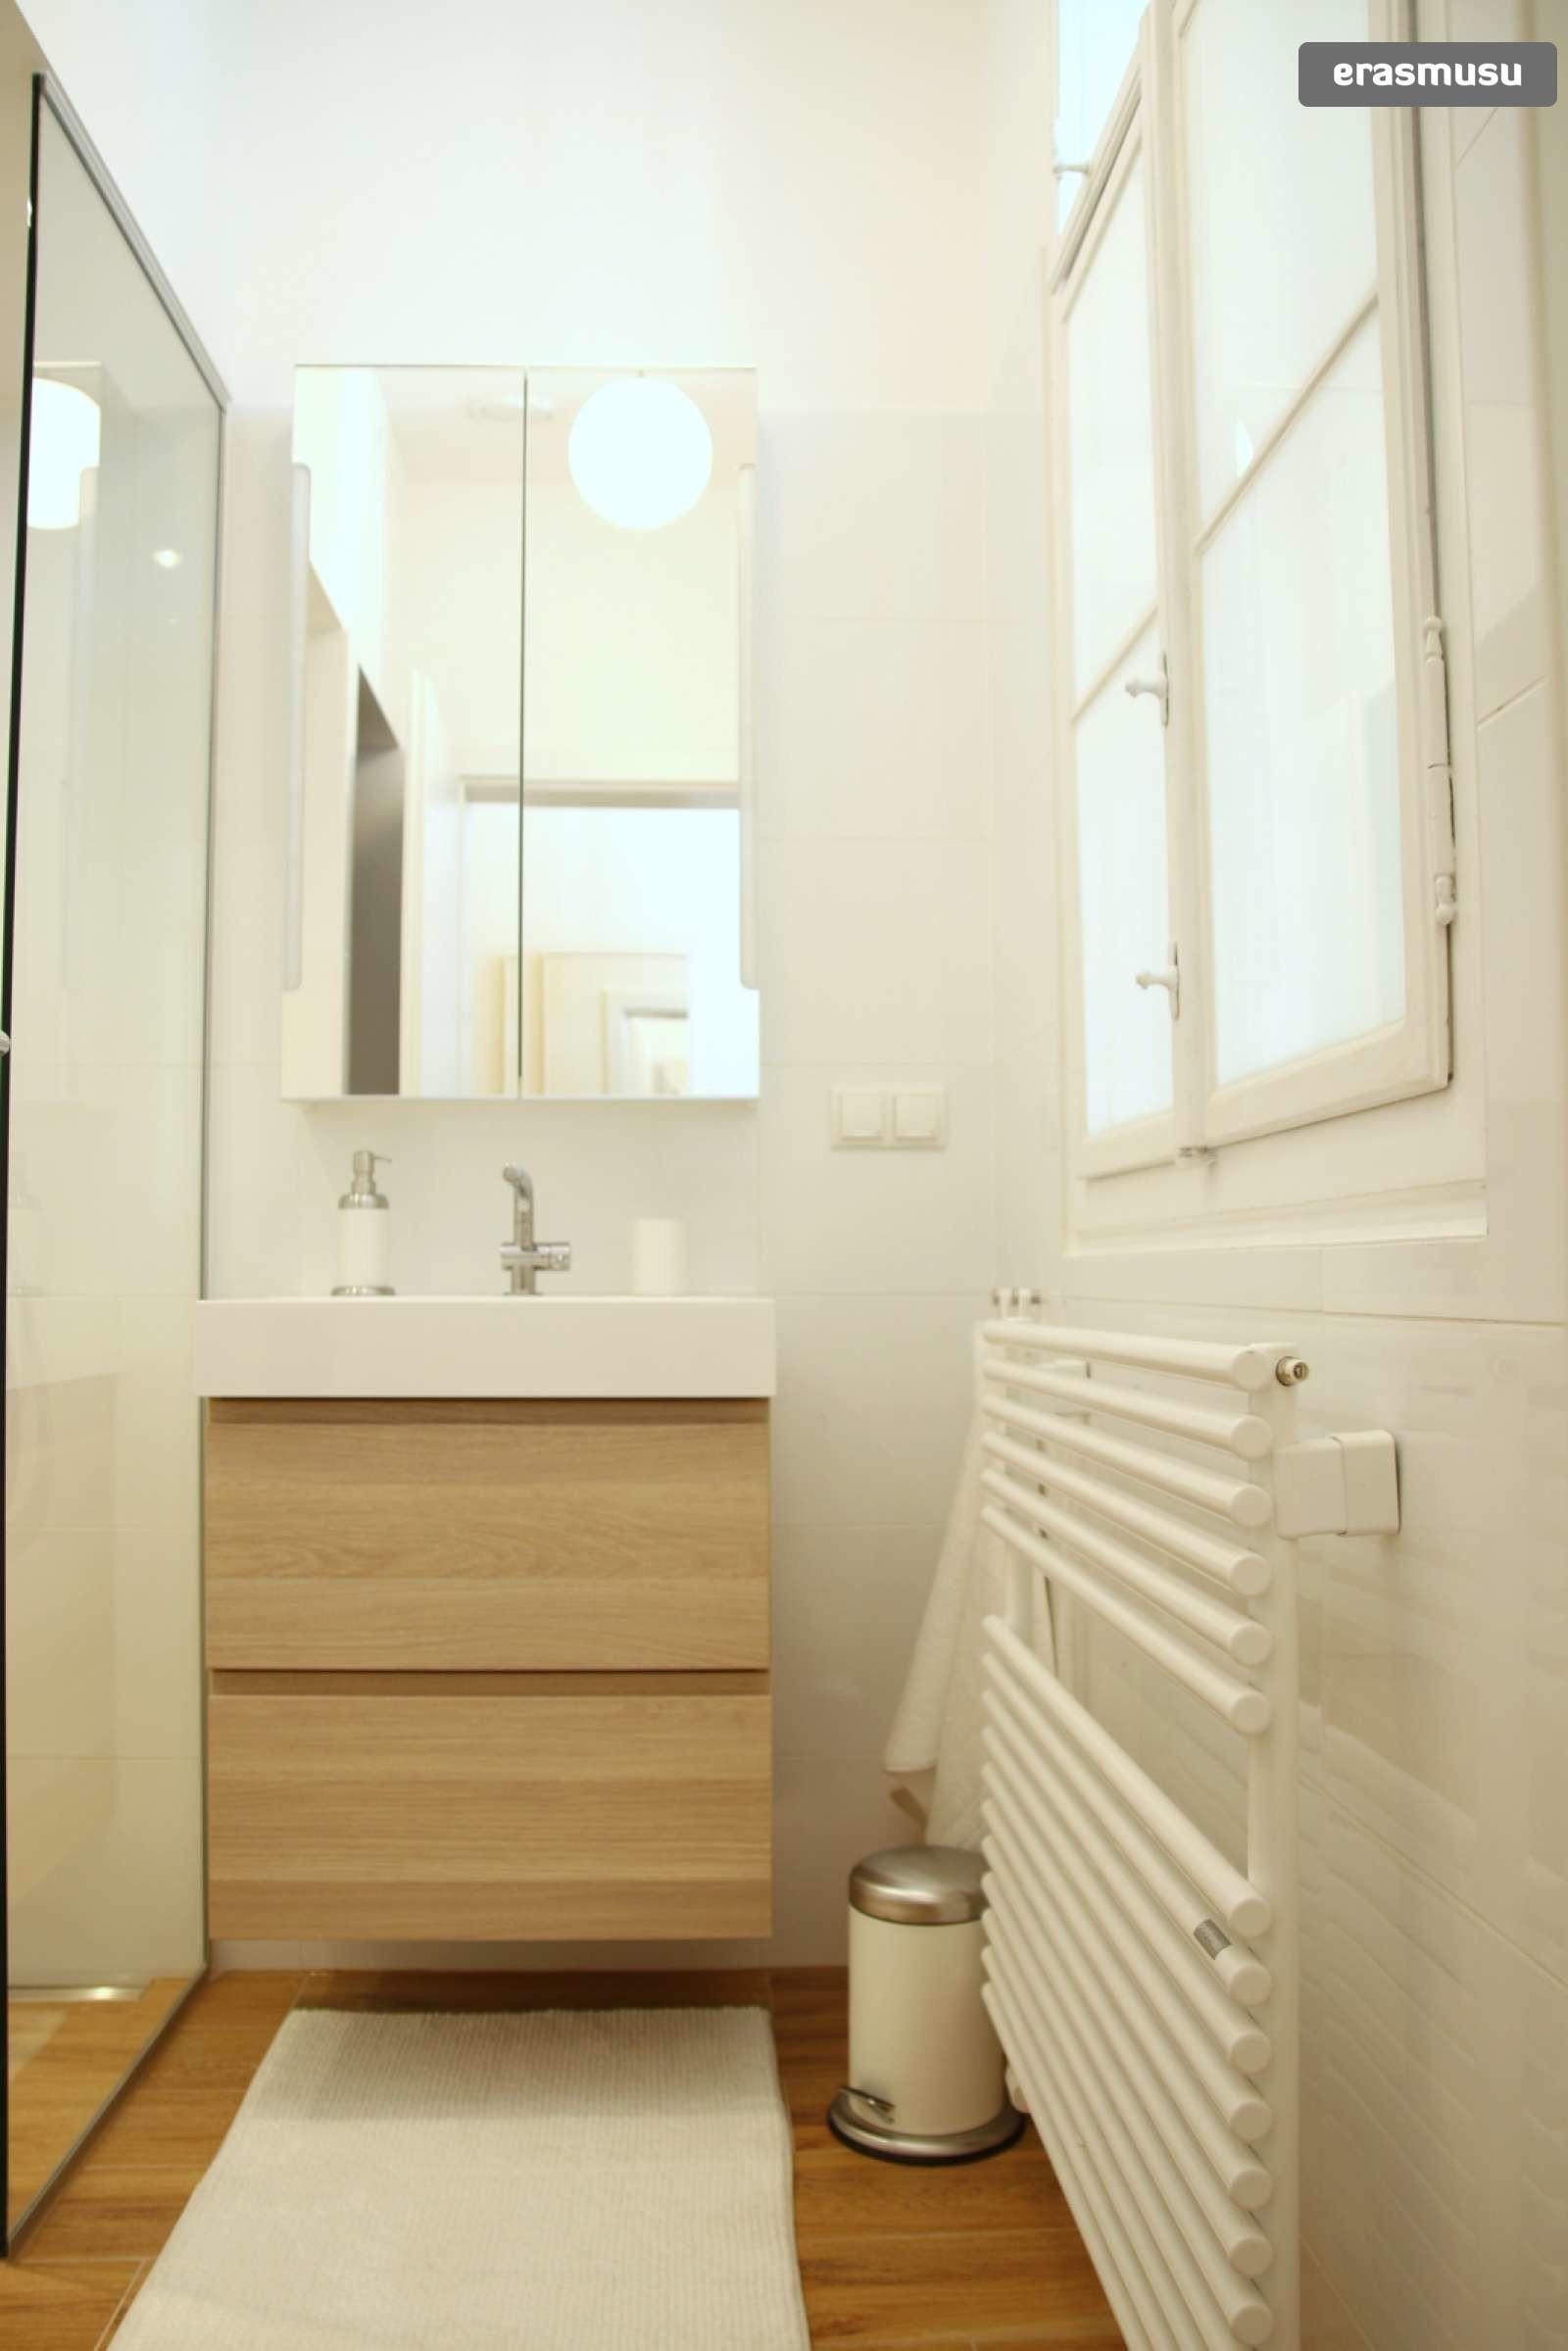 lovely-studio-apartment-rent-wahring-d2062da44aec87e75c88f3496c5